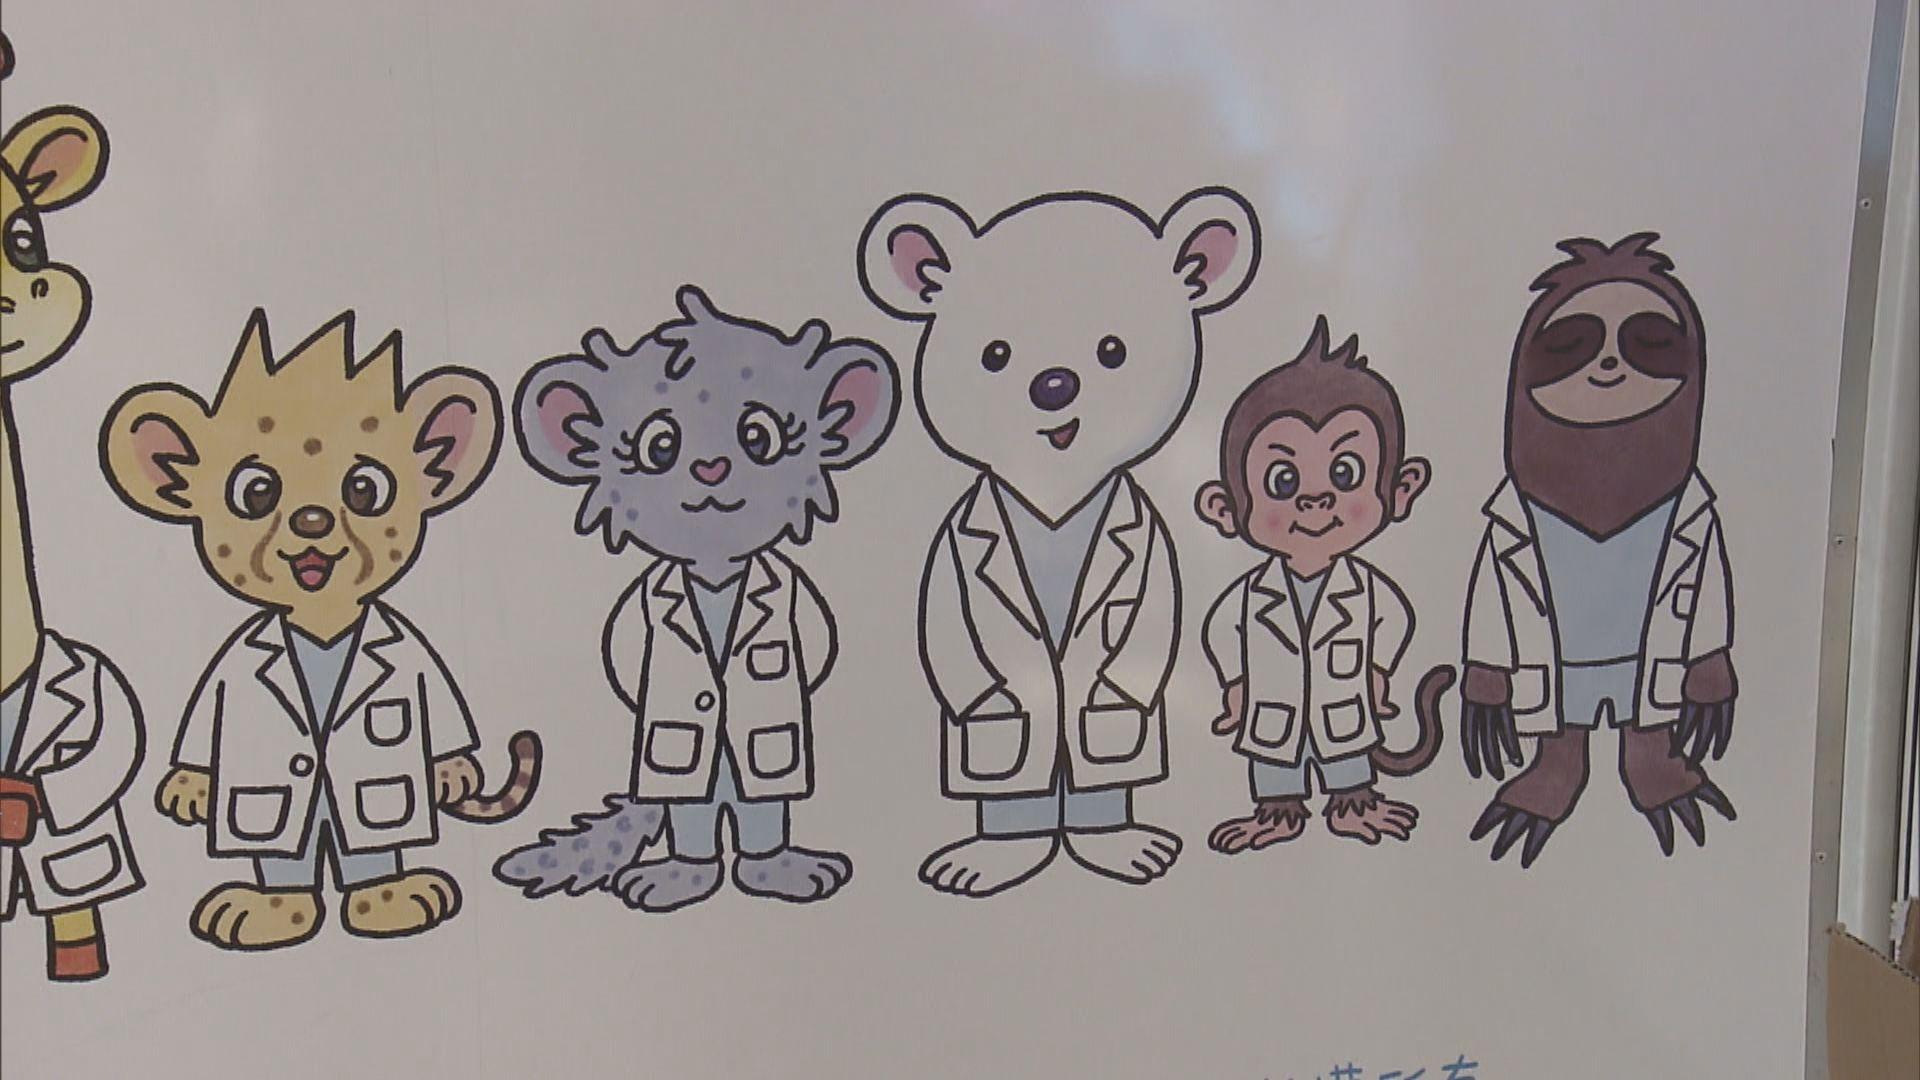 醫生繪插畫宣傳抗疫 與深水埗區議會合作製宣傳車